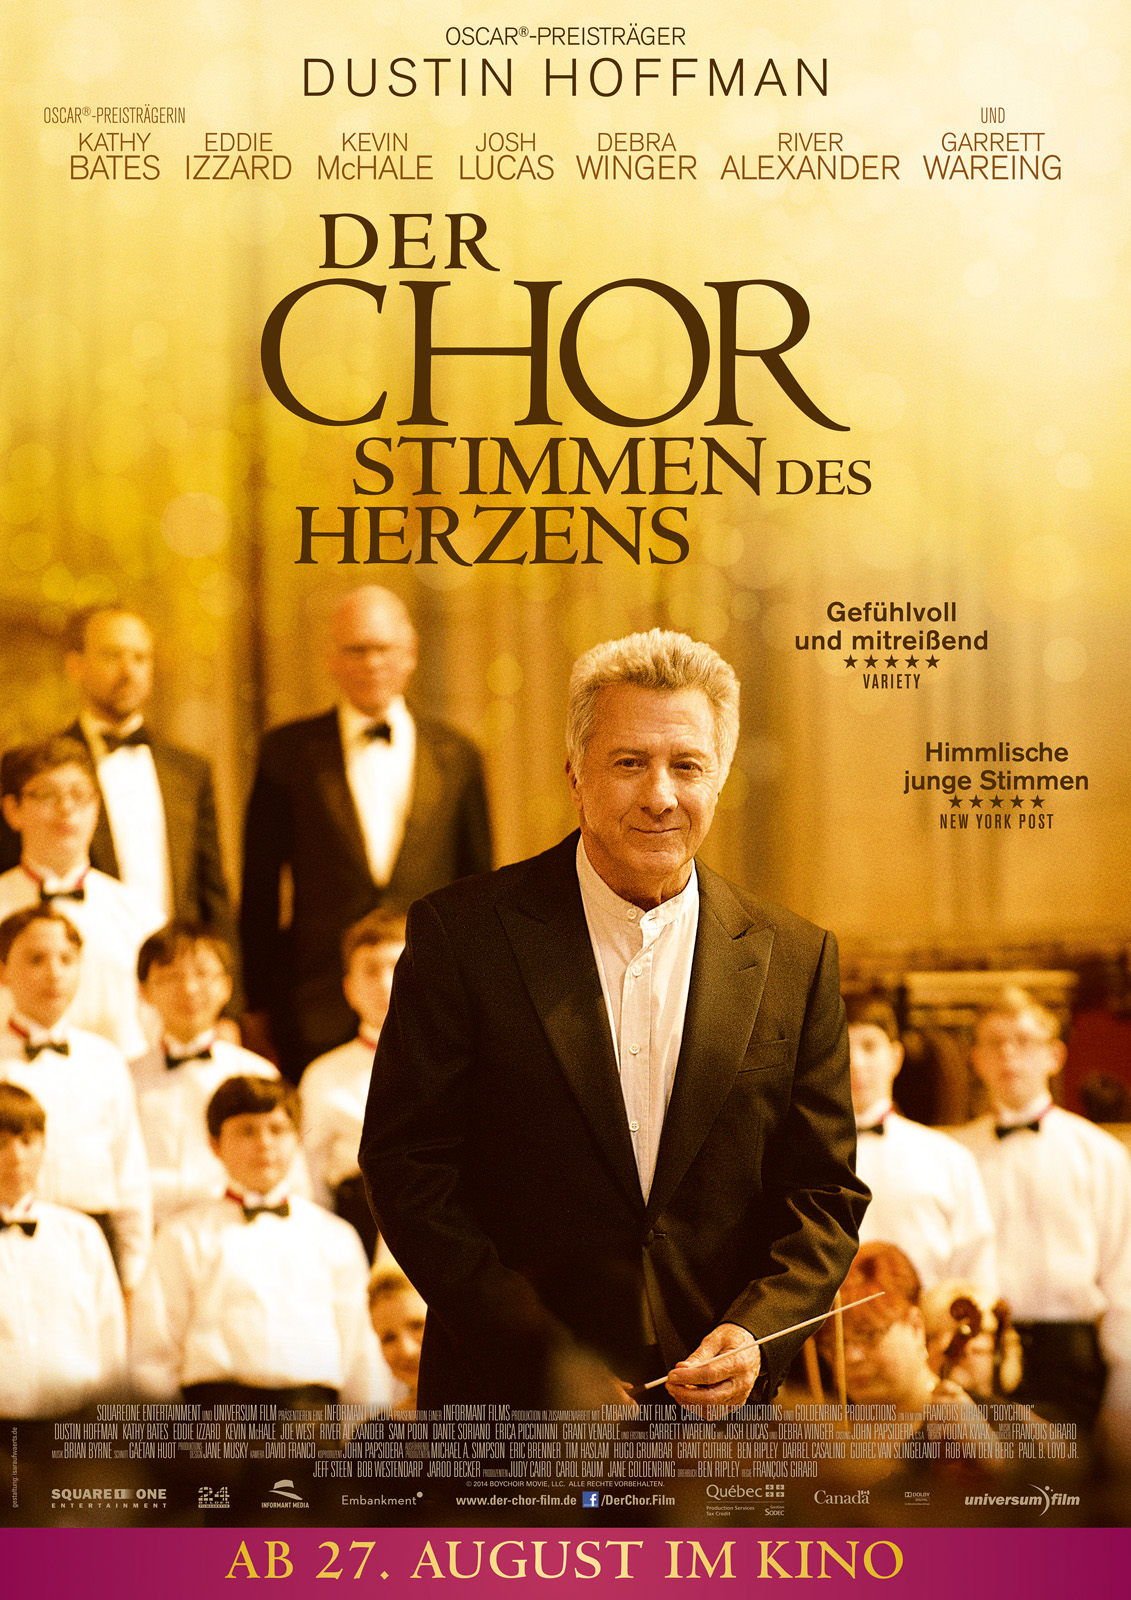 Der Chor - Stimmen Des Herzens Trailer